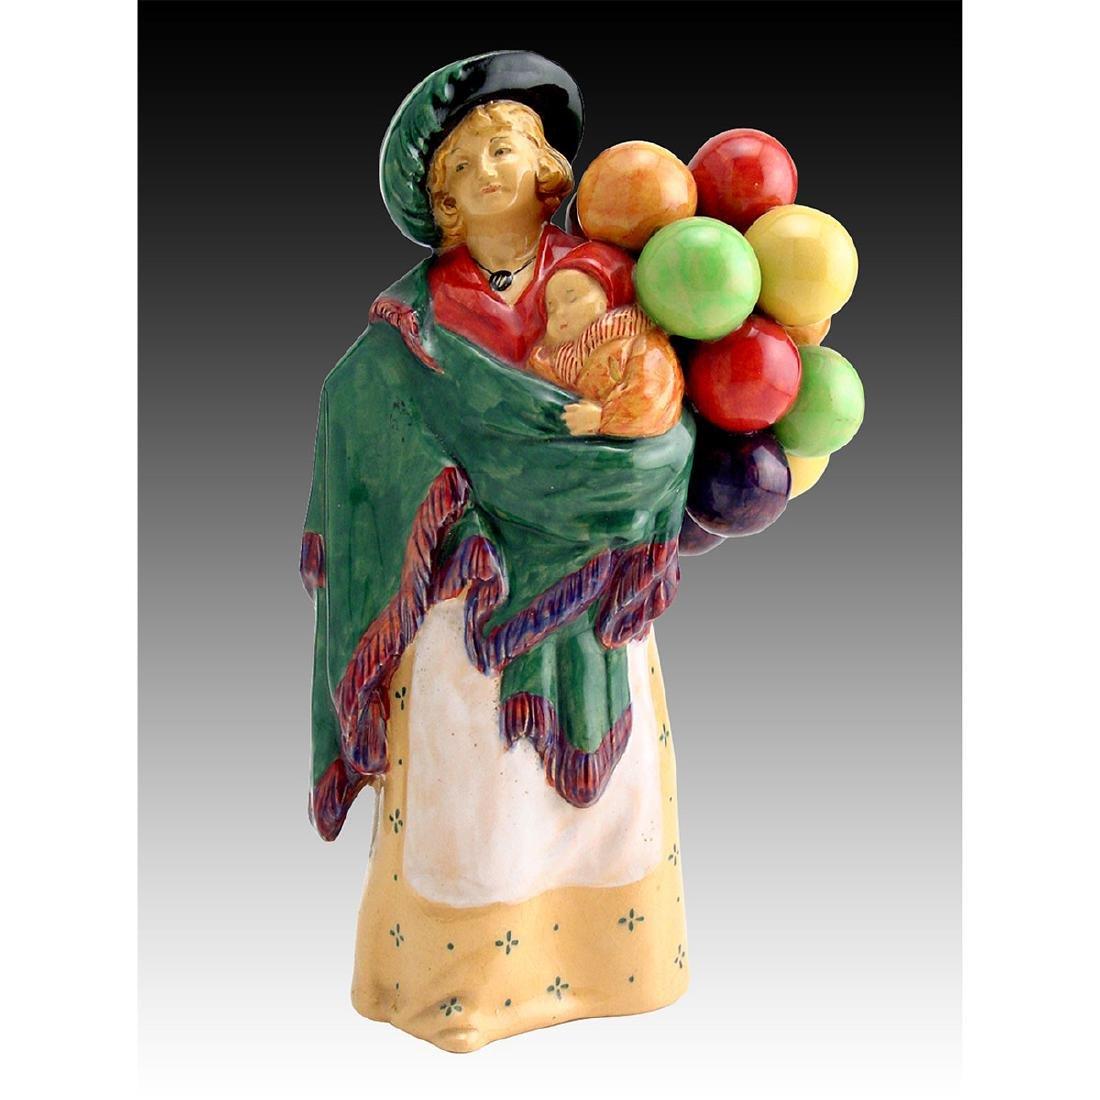 Royal Doulton Figurine Balloon Seller HN 583